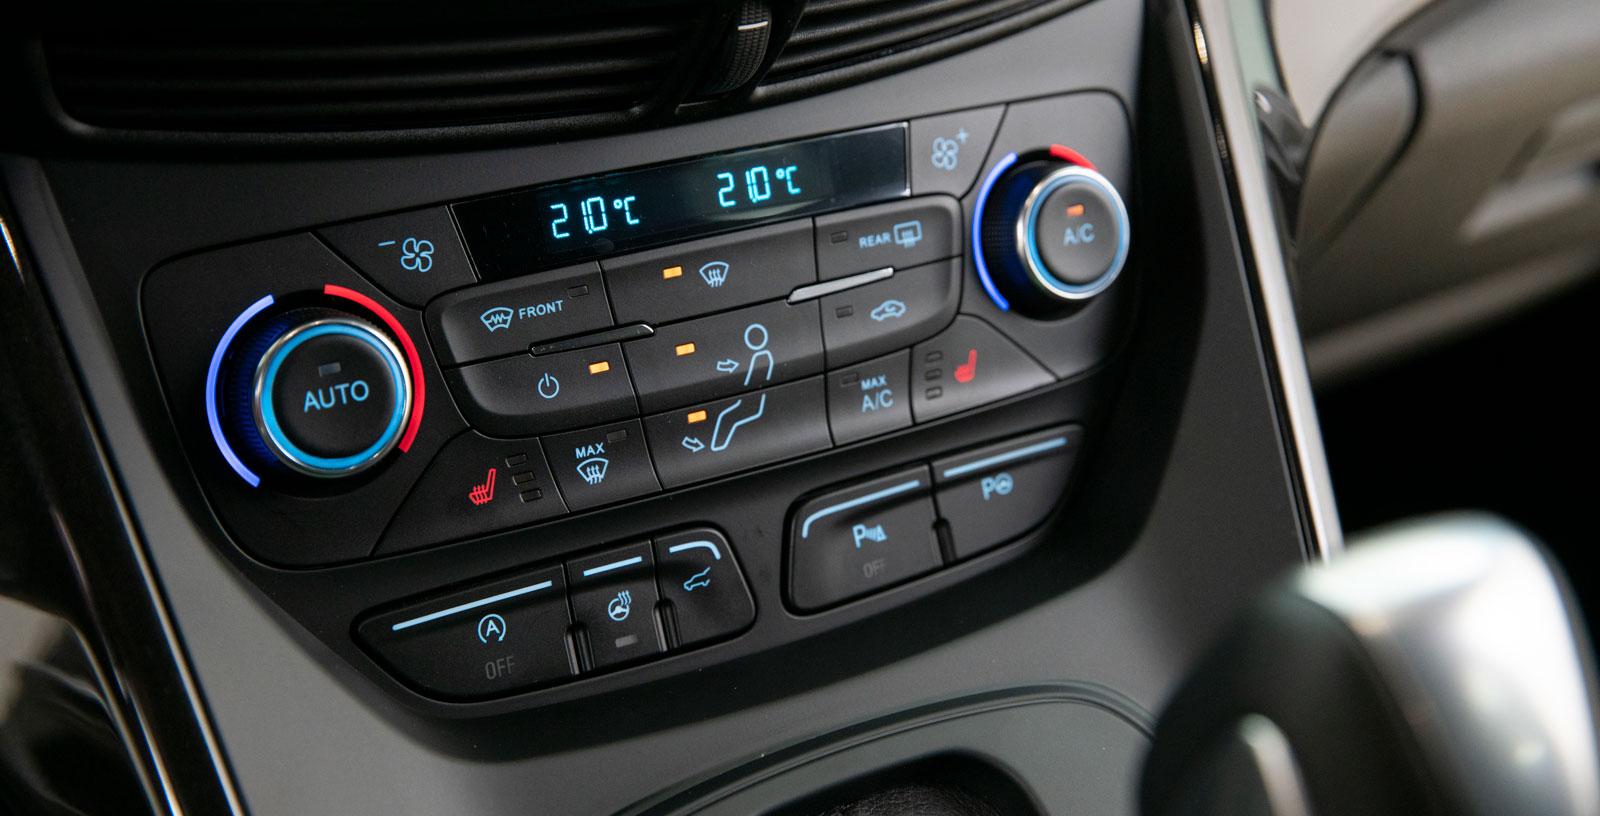 Klimatanläggningen har något pillriga knappar. Knapparna under styr elbaklucka, p-sensorer och parkeringsassistans.